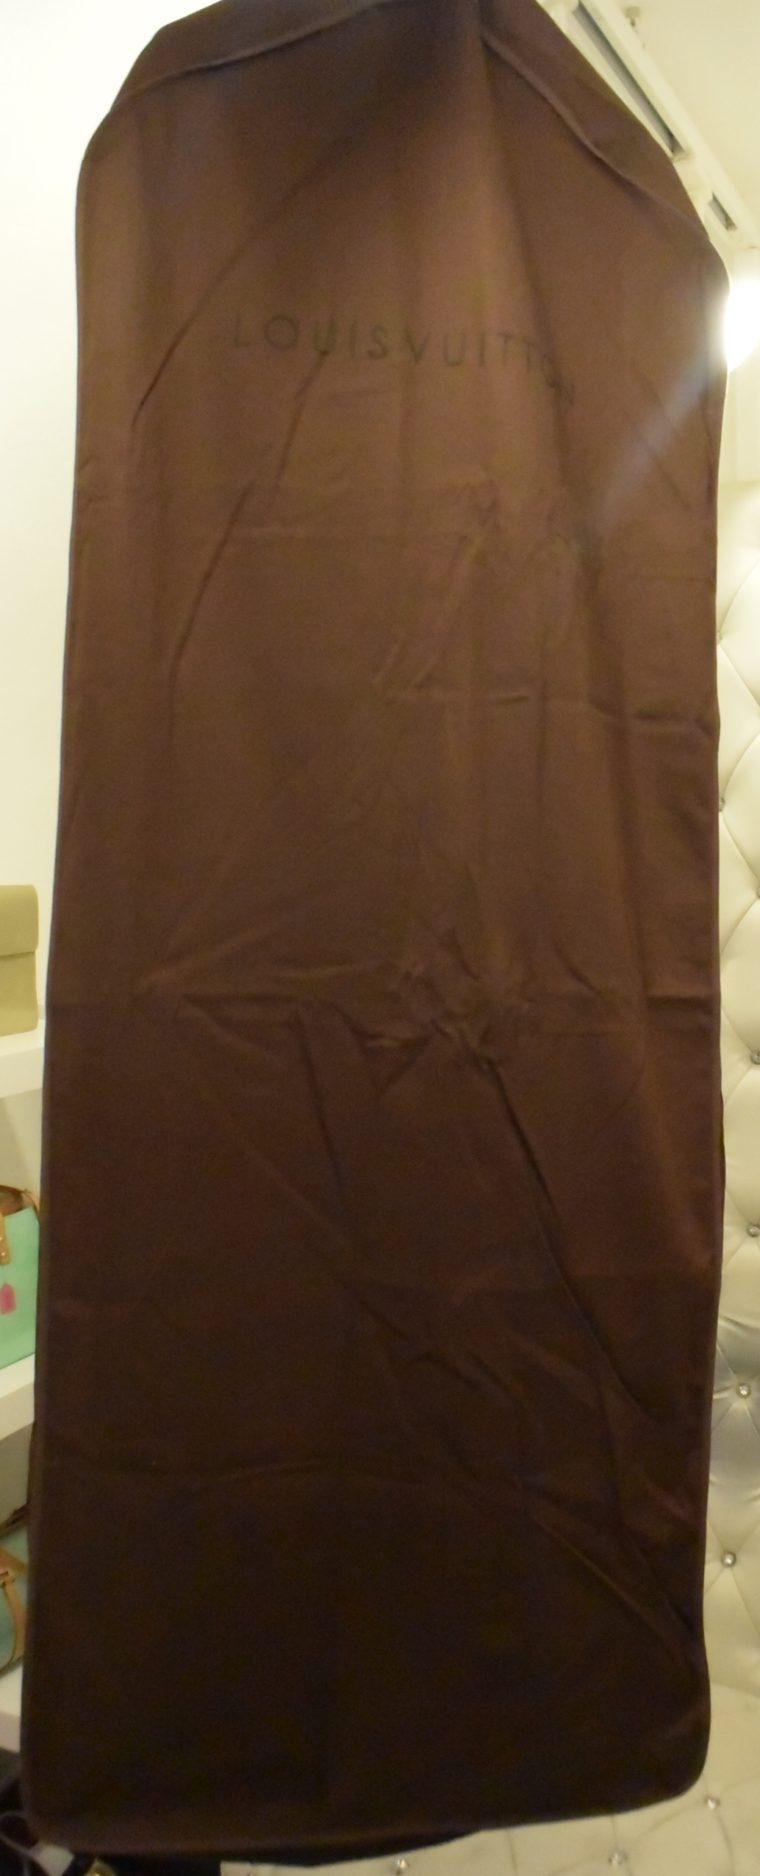 Louis Vuitton Kleiderhülle Kleidersack groß braun-12986